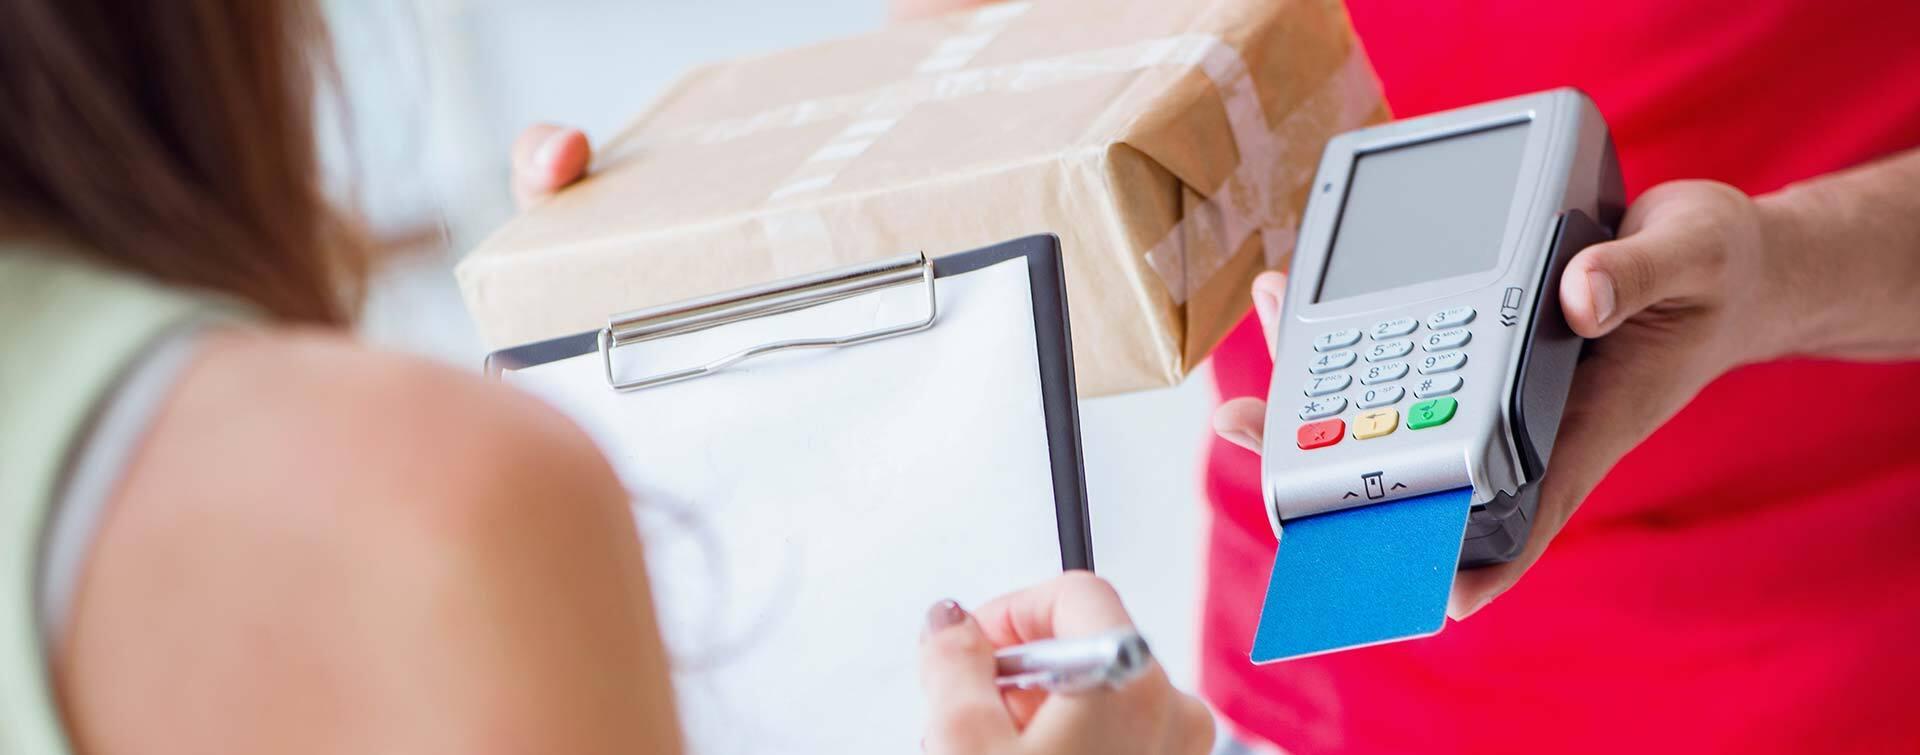 Jak wysłać paczkę za pobraniem